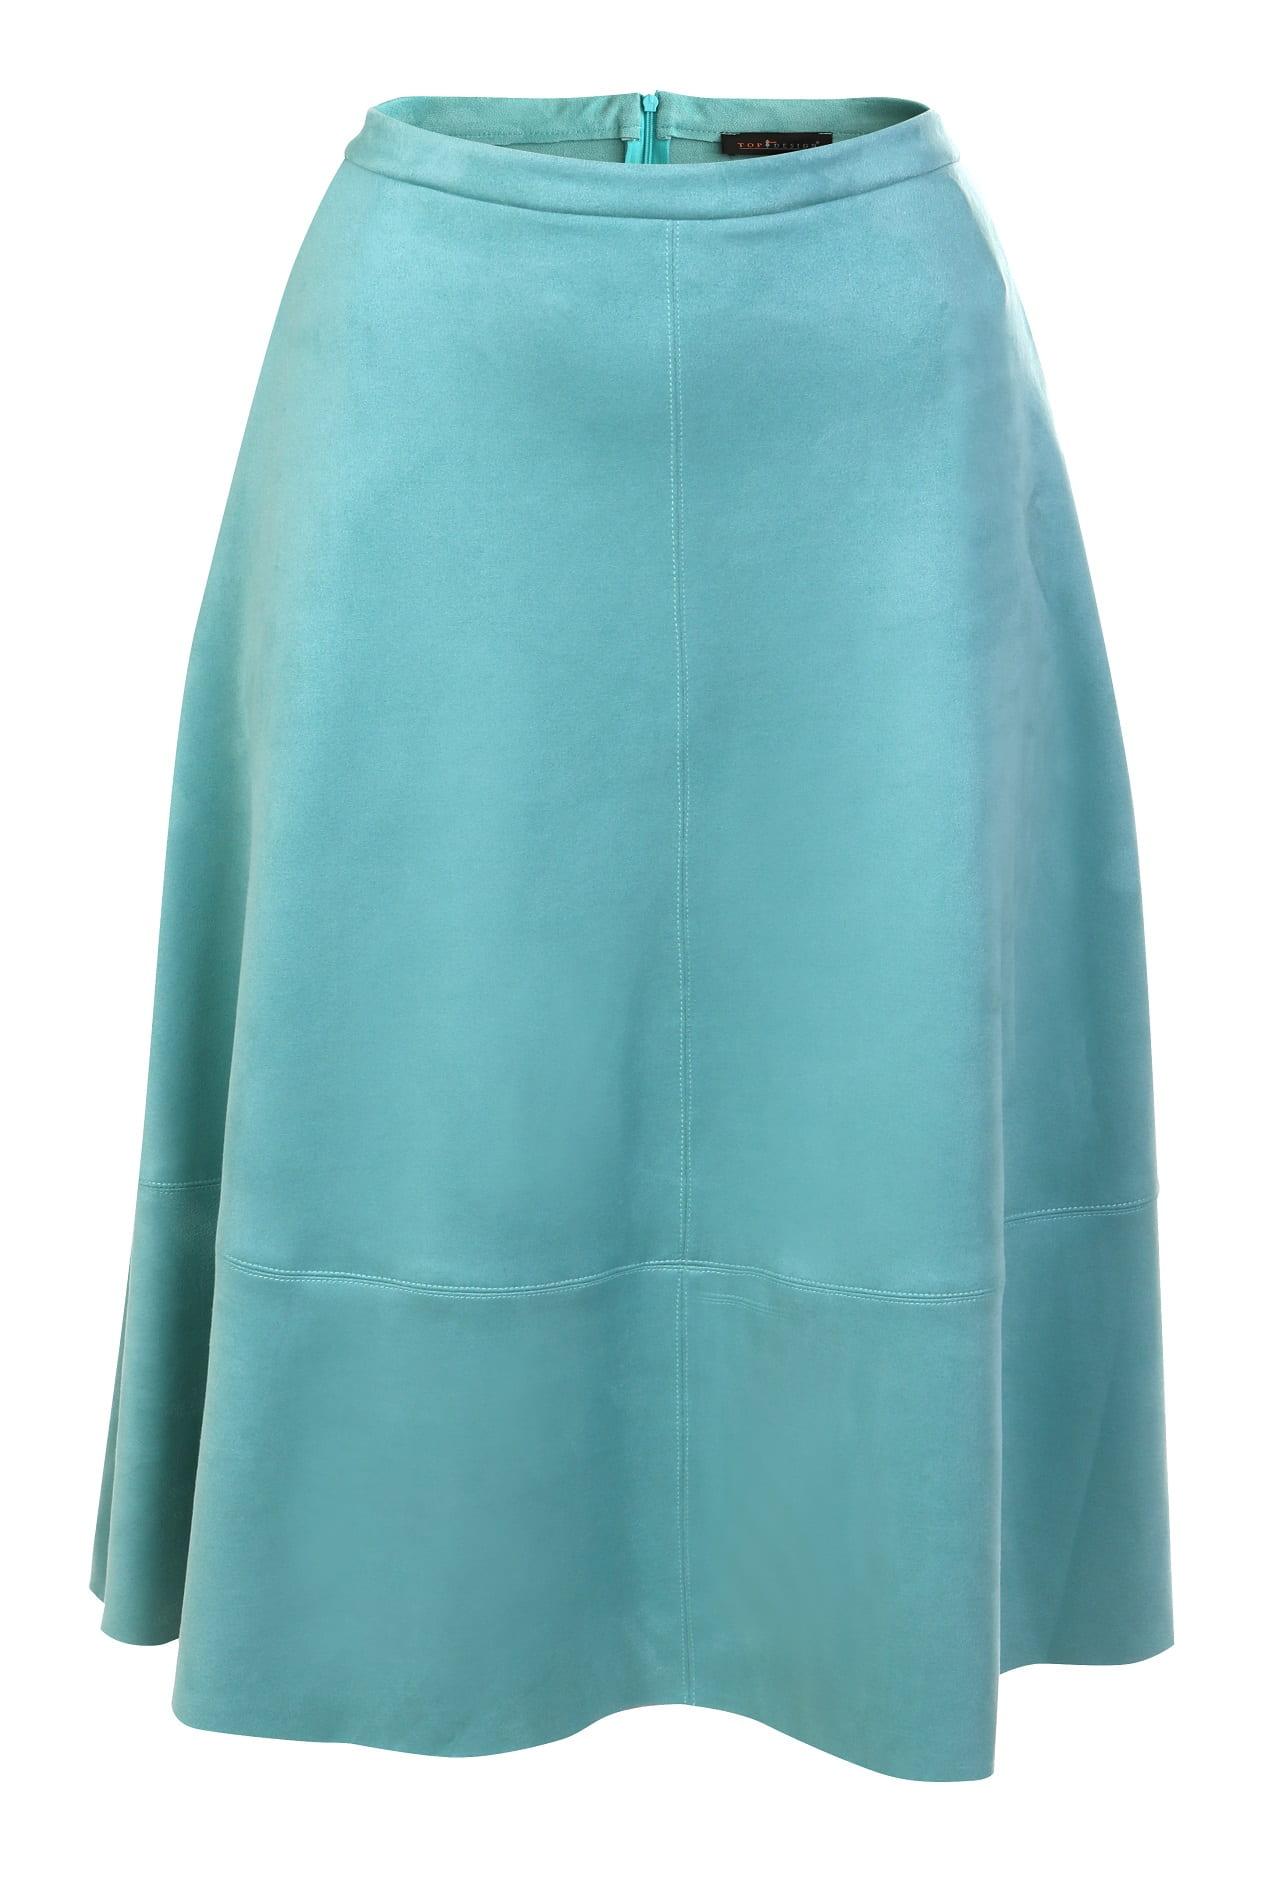 Шикарная летняя юбка Top Design PA7 39